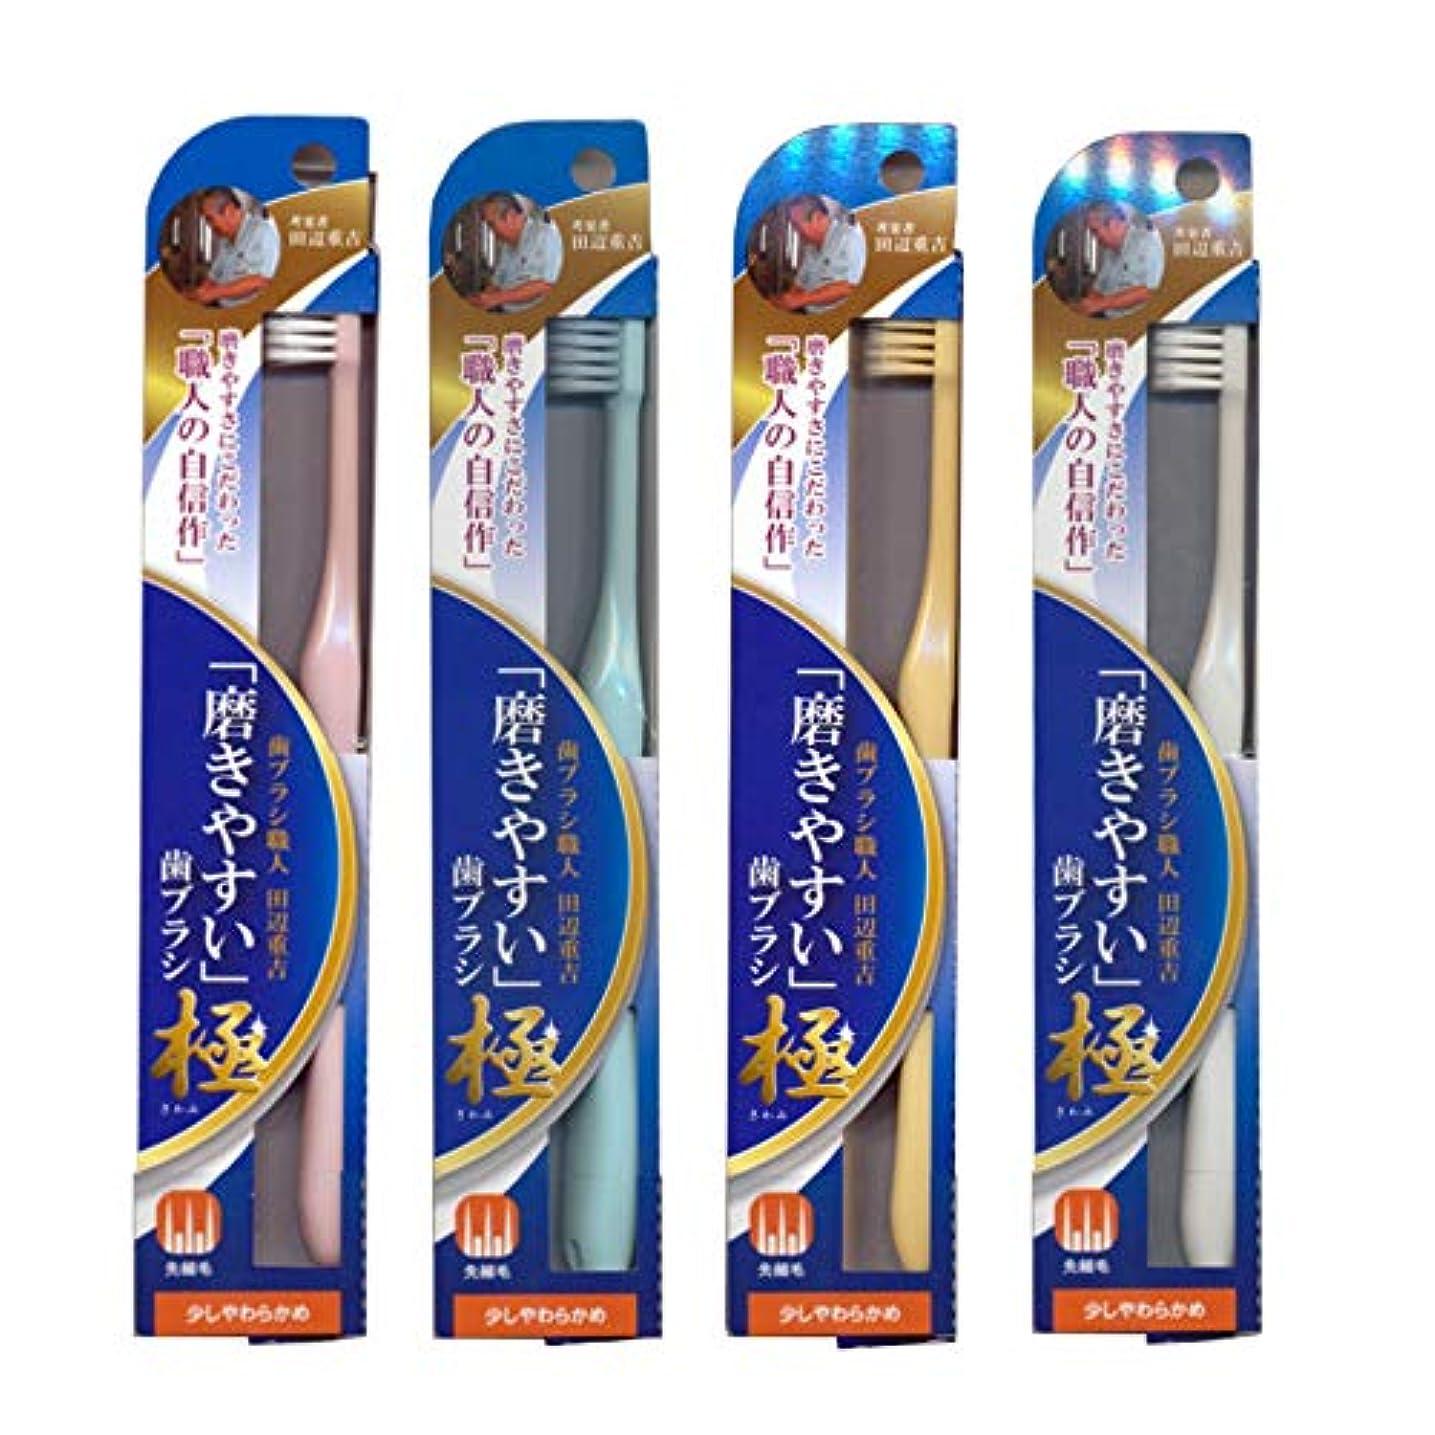 閉塞黒桁磨きやすい歯ブラシ極 (少し柔らかめ) LT-43×12本セット(ピンク×3、ブルー×3、ホワイト×3、イエロー×3) 先細毛